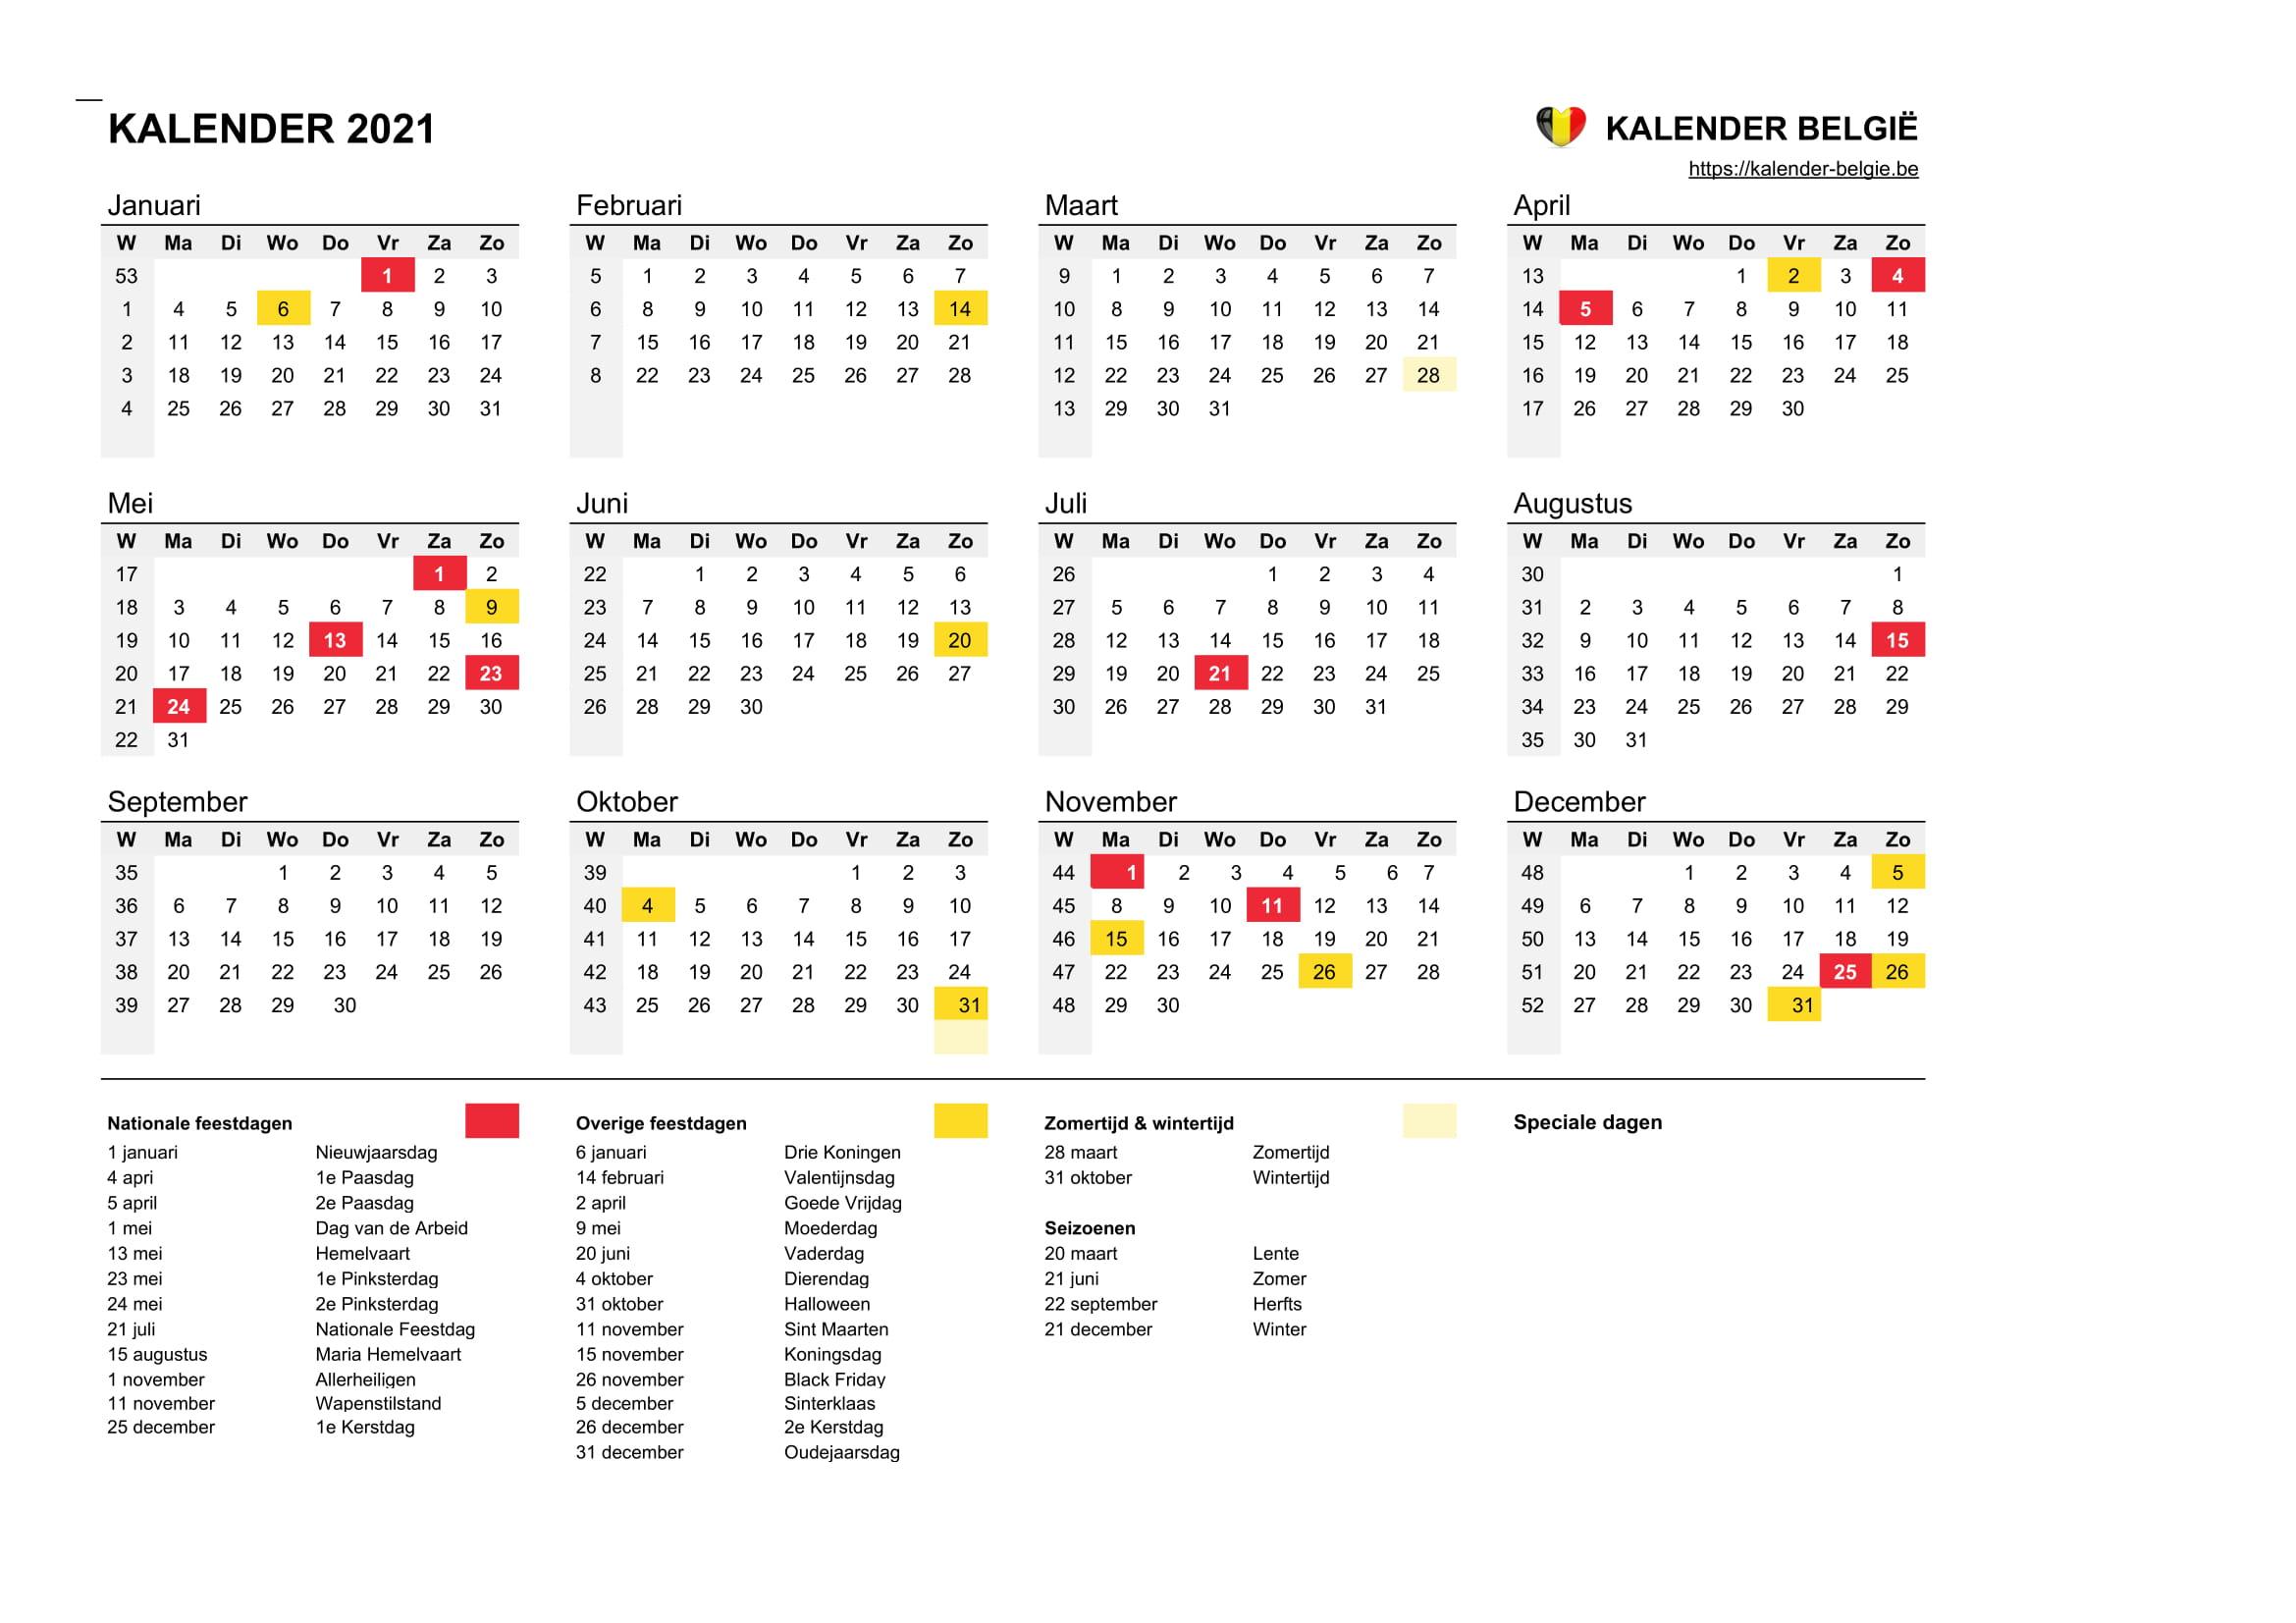 Kalender 2021 Kalender Belgie